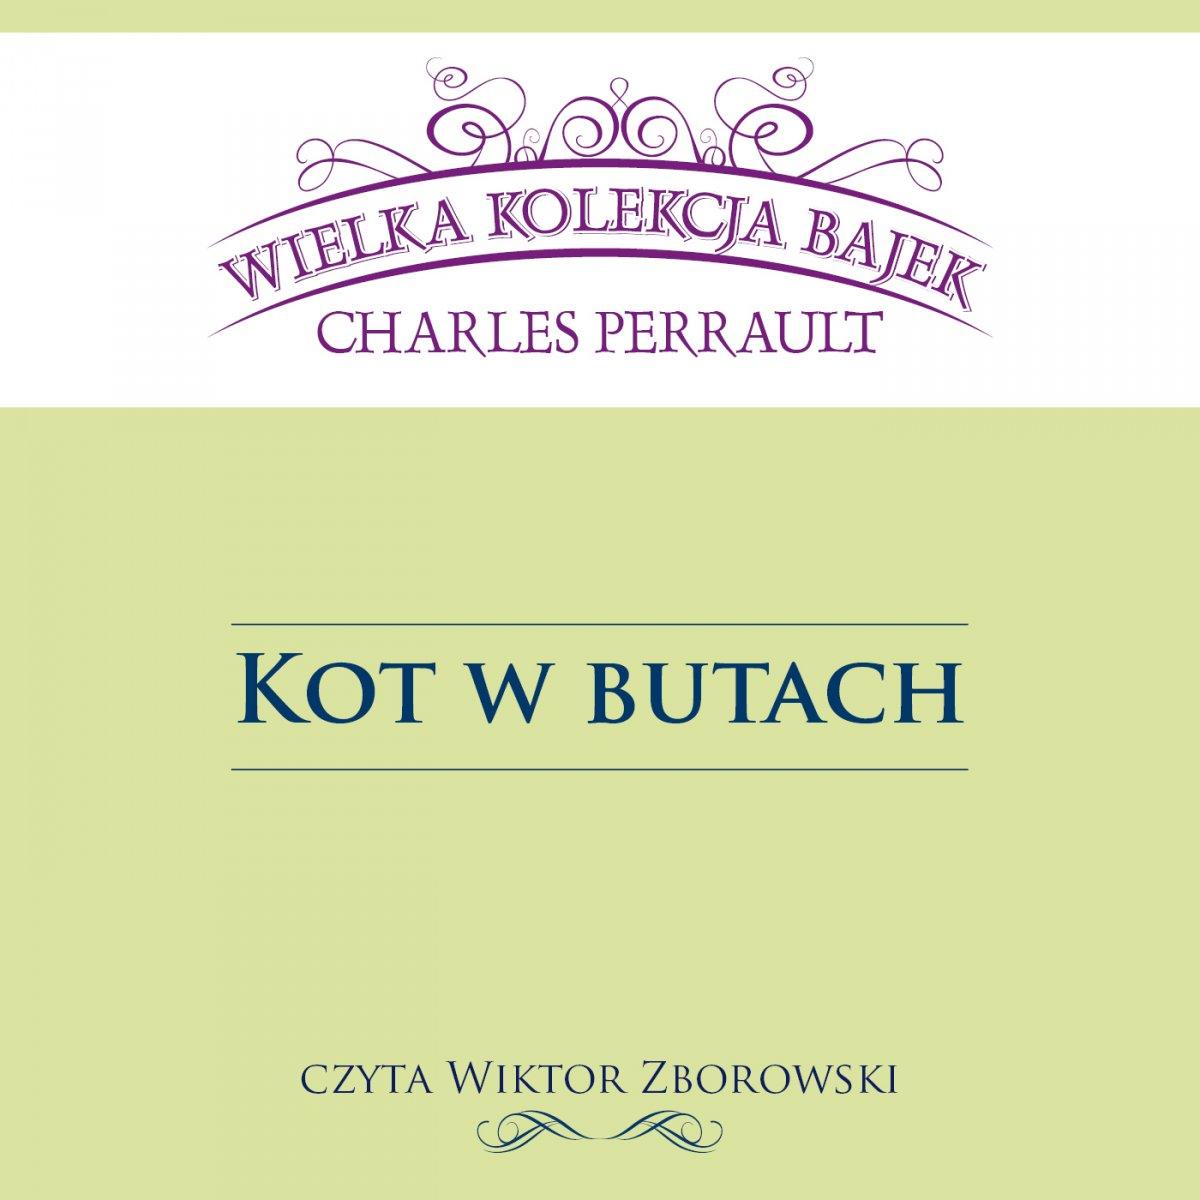 Kot w butach (Wielka Kolekcja Bajek) - Audiobook (Książka audio MP3) do pobrania w całości w archiwum ZIP